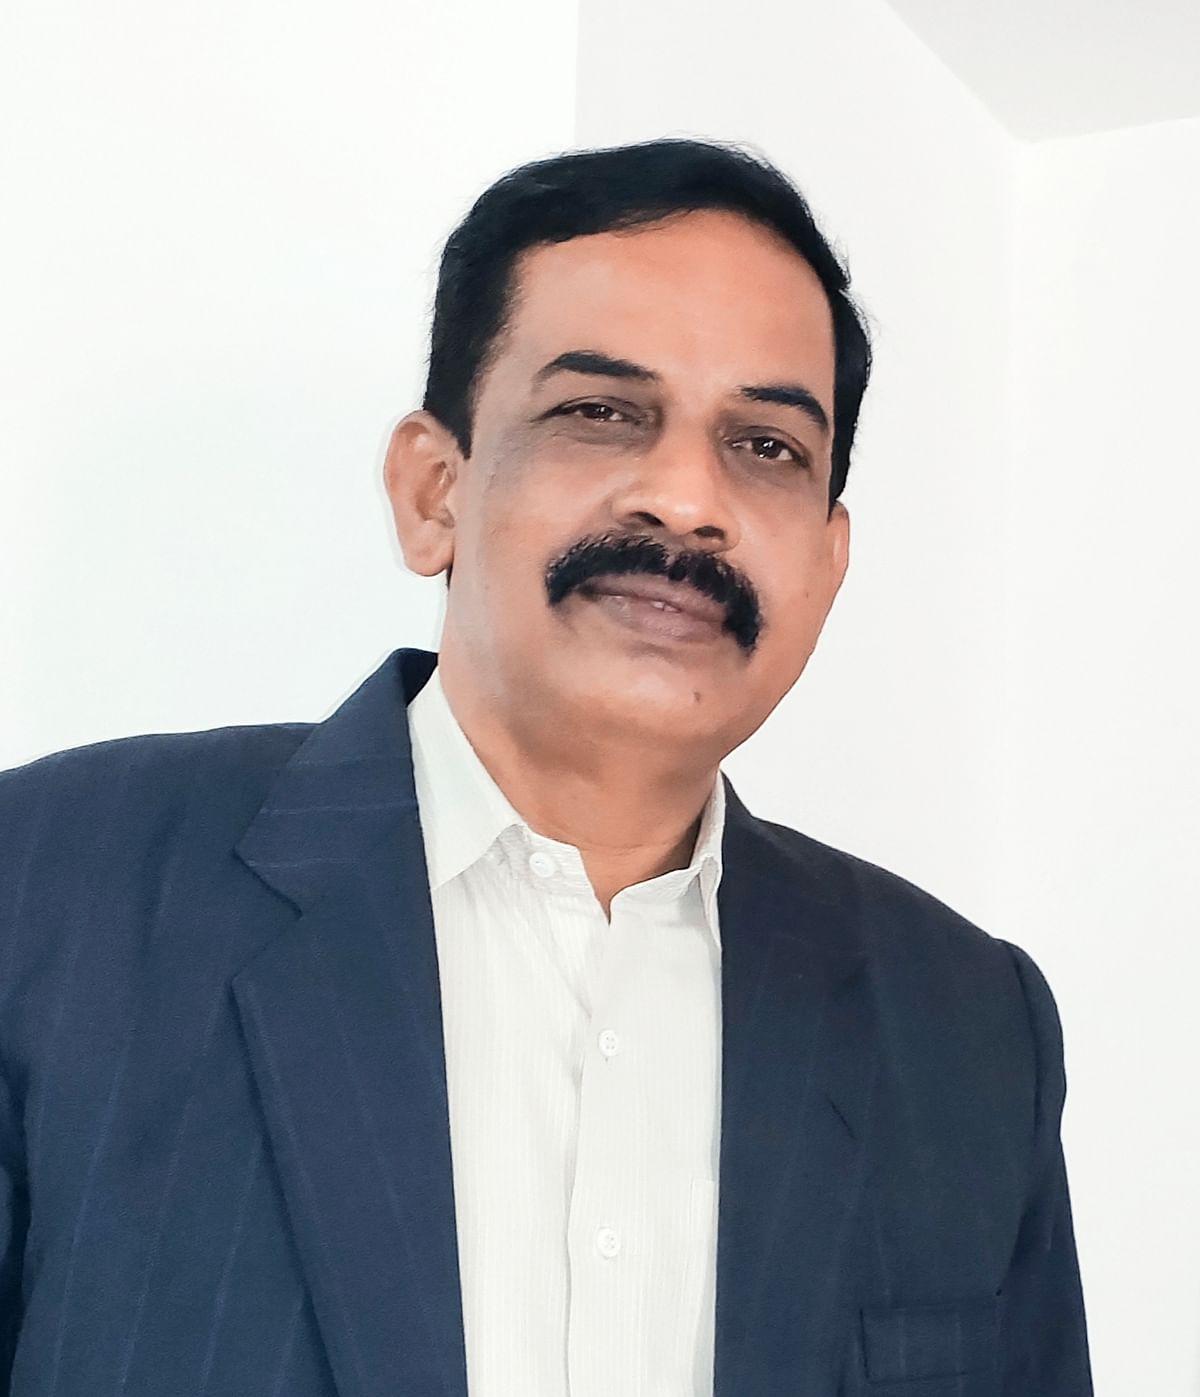 R. R. சந்திரசேகா்